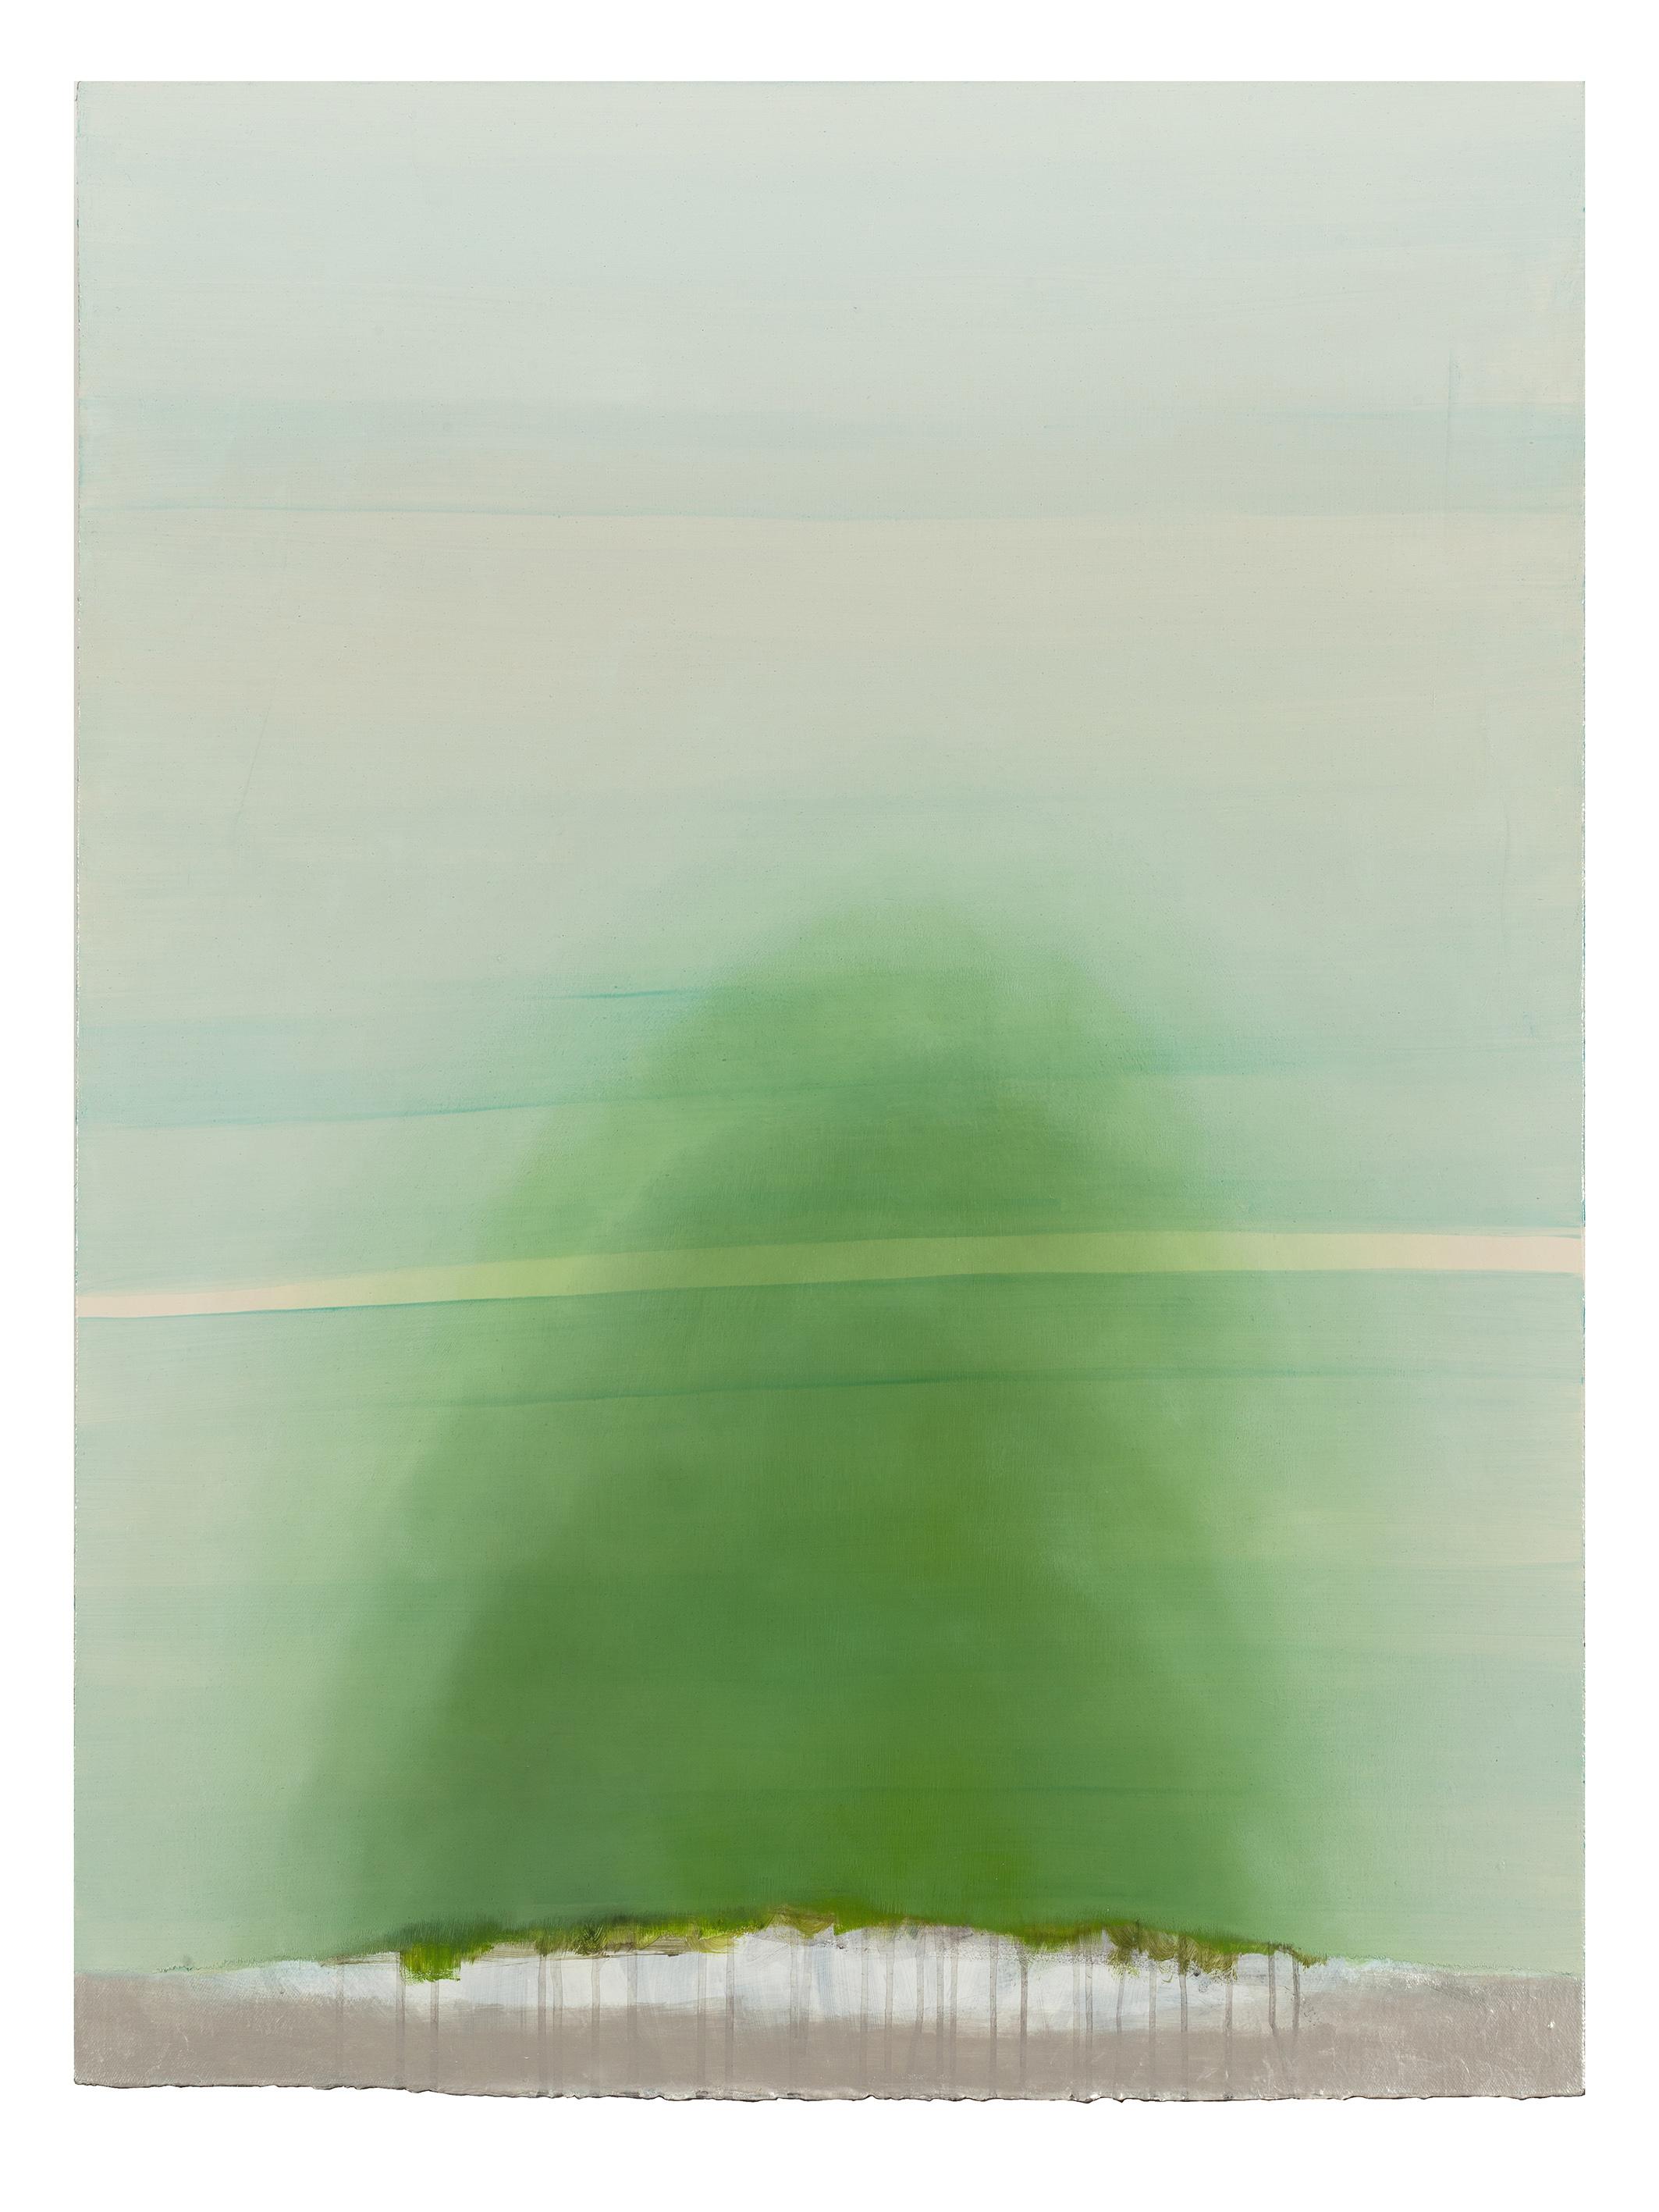 黃淼訓《風景 Landscape》油彩丙烯 Oil/Acrylic on canvas 110x90 cm 2018